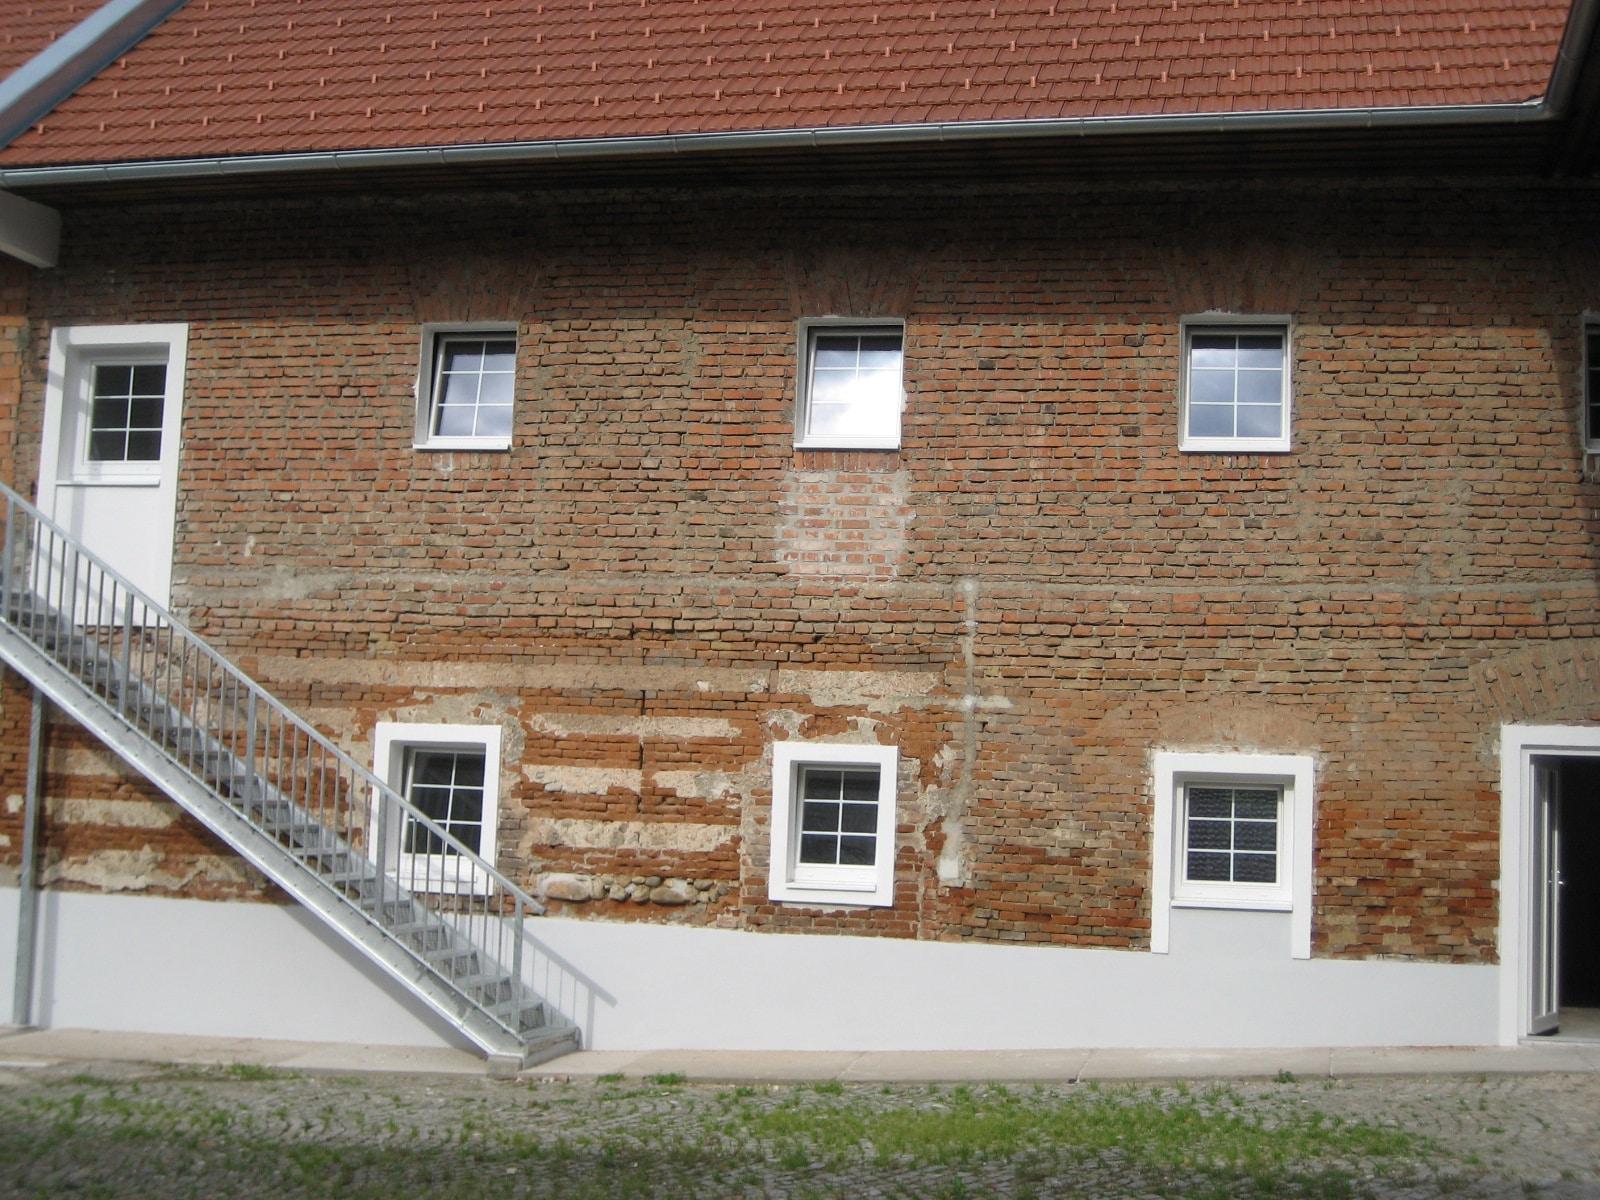 Fenster in Landwirtschaftsgebäude